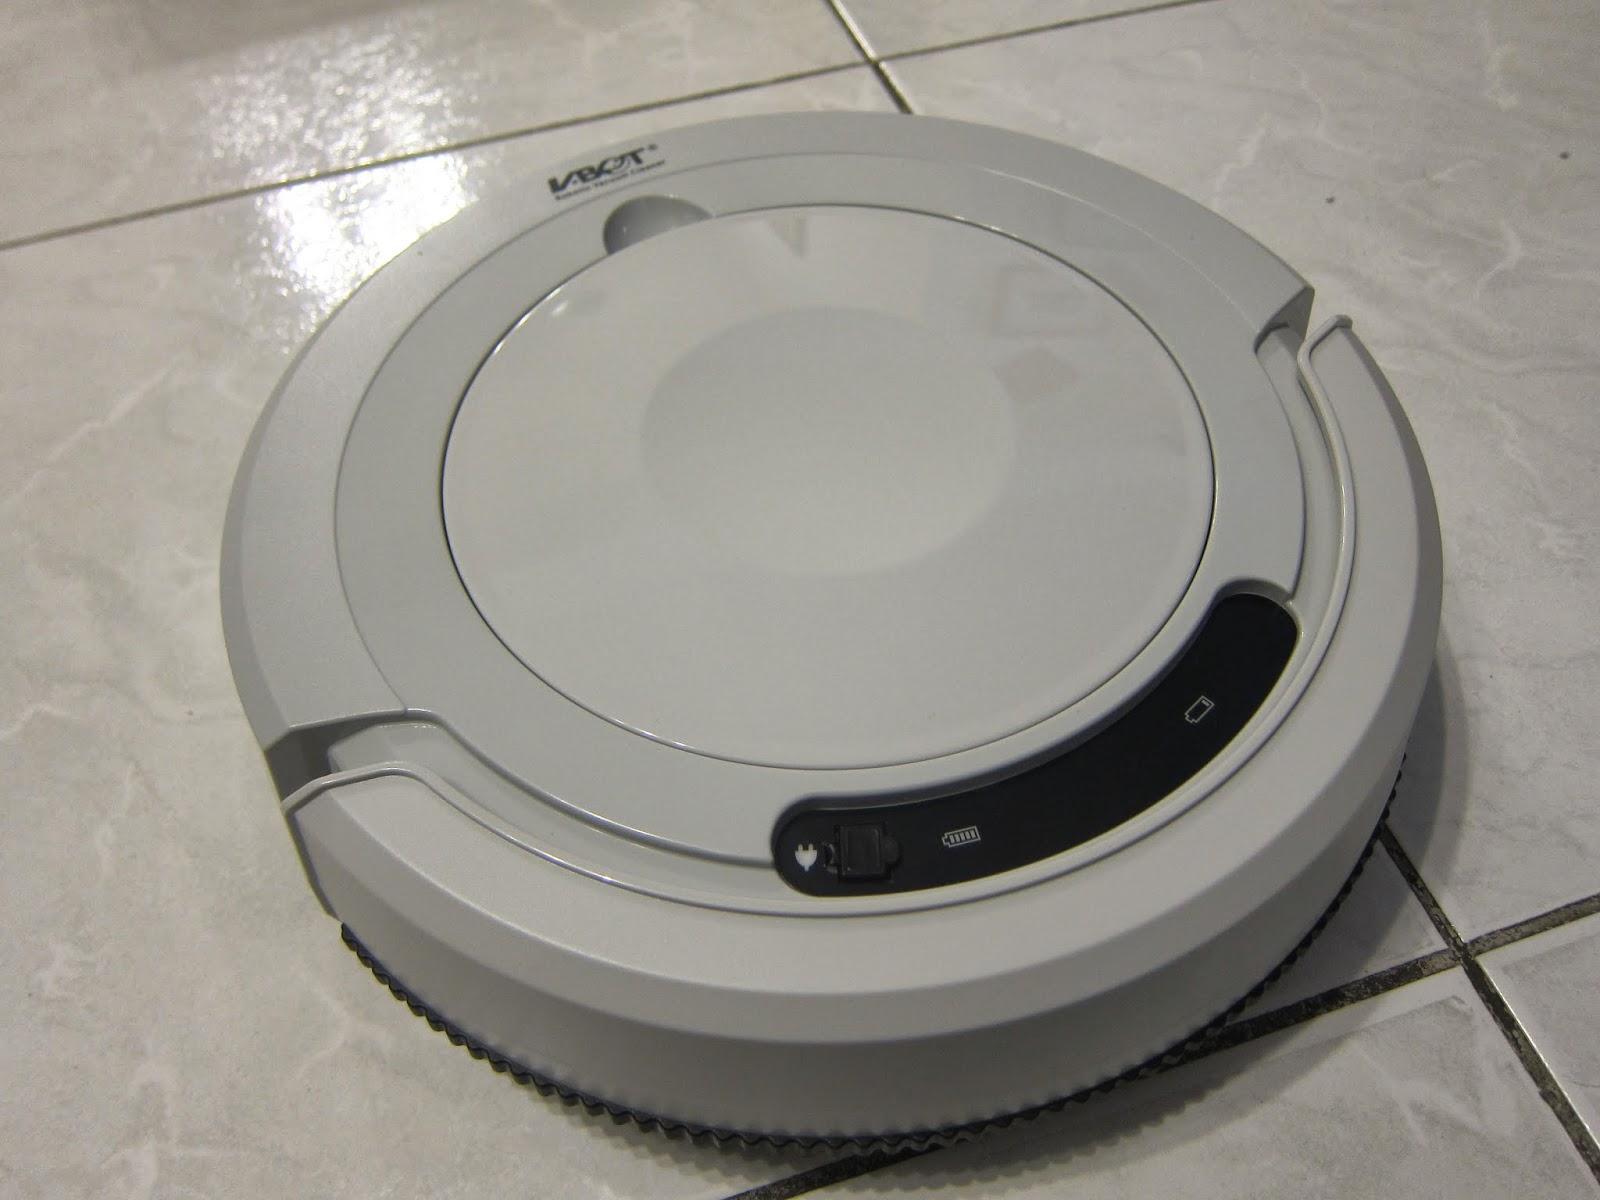 IMG 2250 - [開箱] V-BOT M270 迷你智慧型掃地機器人